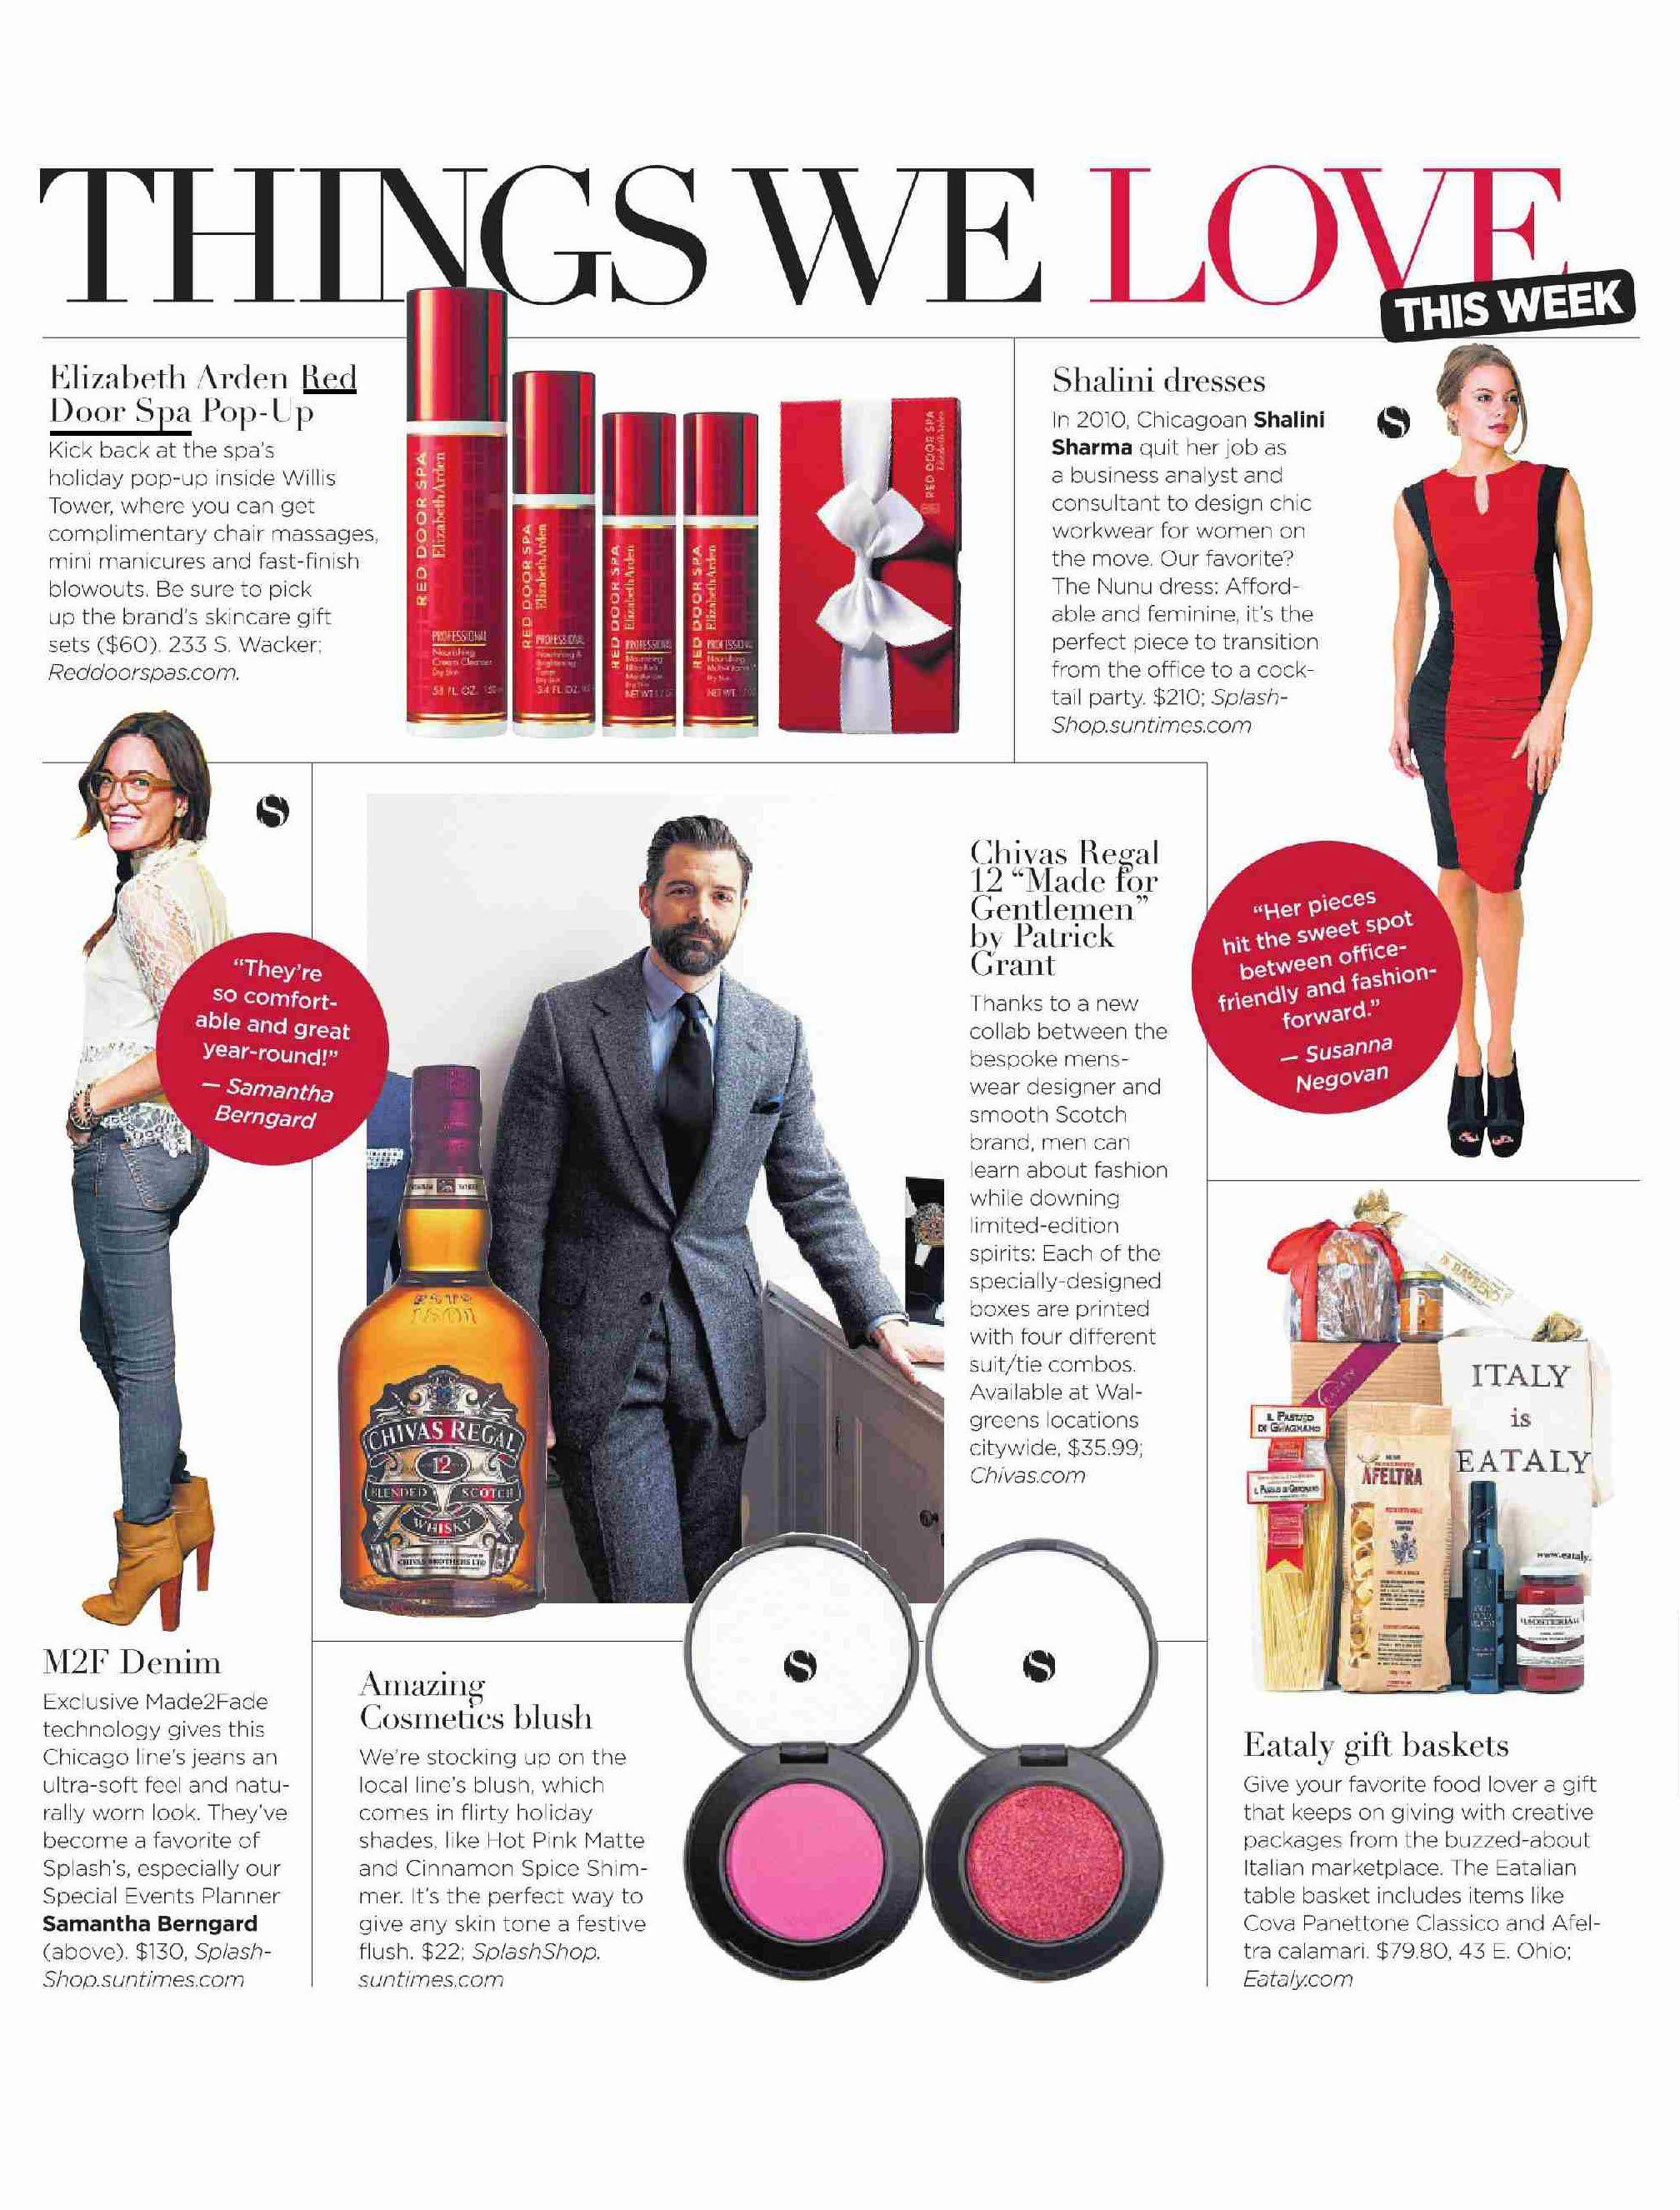 Splash Magazine featured Elizabeth Ardenu0027s Red Door Spa Pop-up in Chicago as part of  sc 1 st  Pinterest & Splash Magazine featured Elizabeth Ardenu0027s Red Door Spa Pop-up in ...